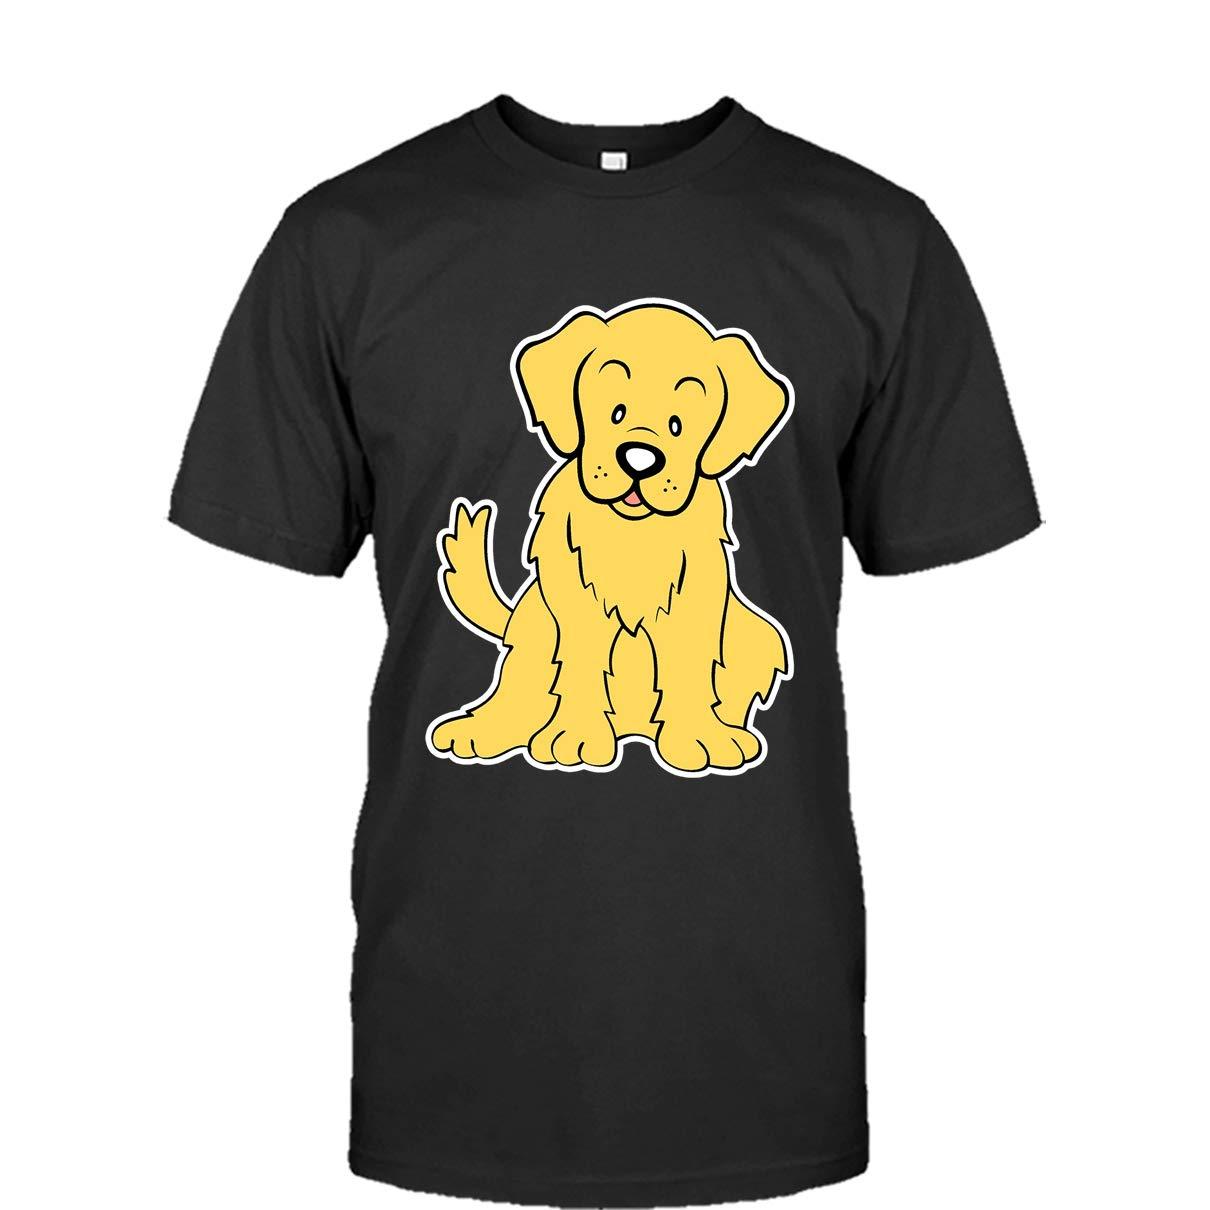 Golden Retriever Emoji Tee Shirt Design for Men and Women Golden Retriever Cool Tshirt